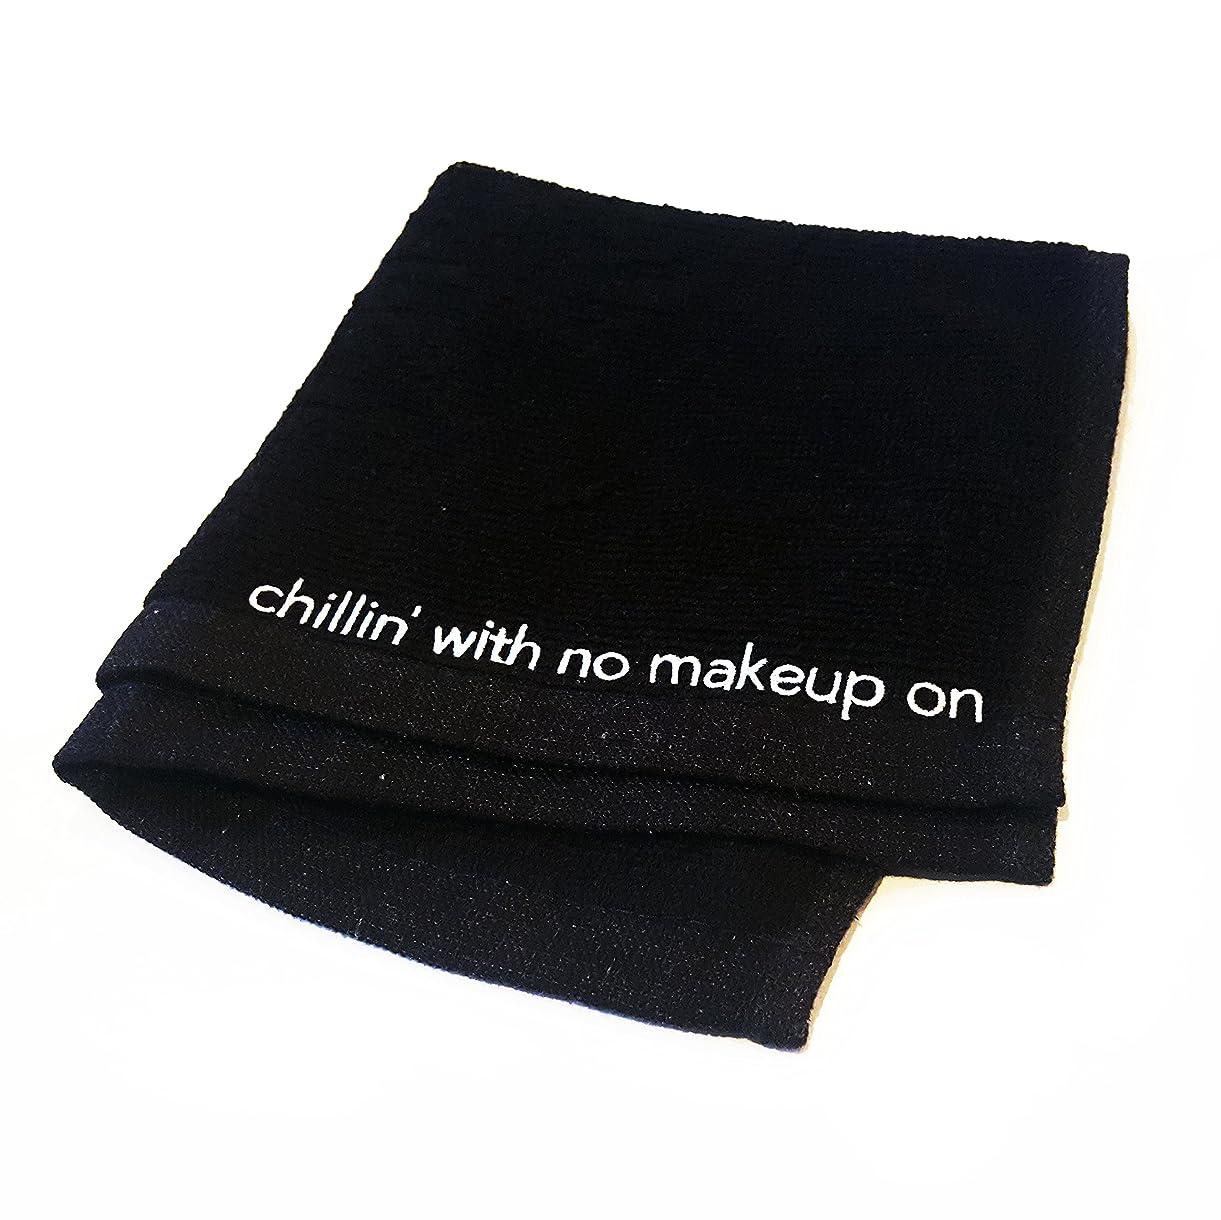 ホールド現在戦闘Chillin ' with noメイクアップon ブラックFacecloth